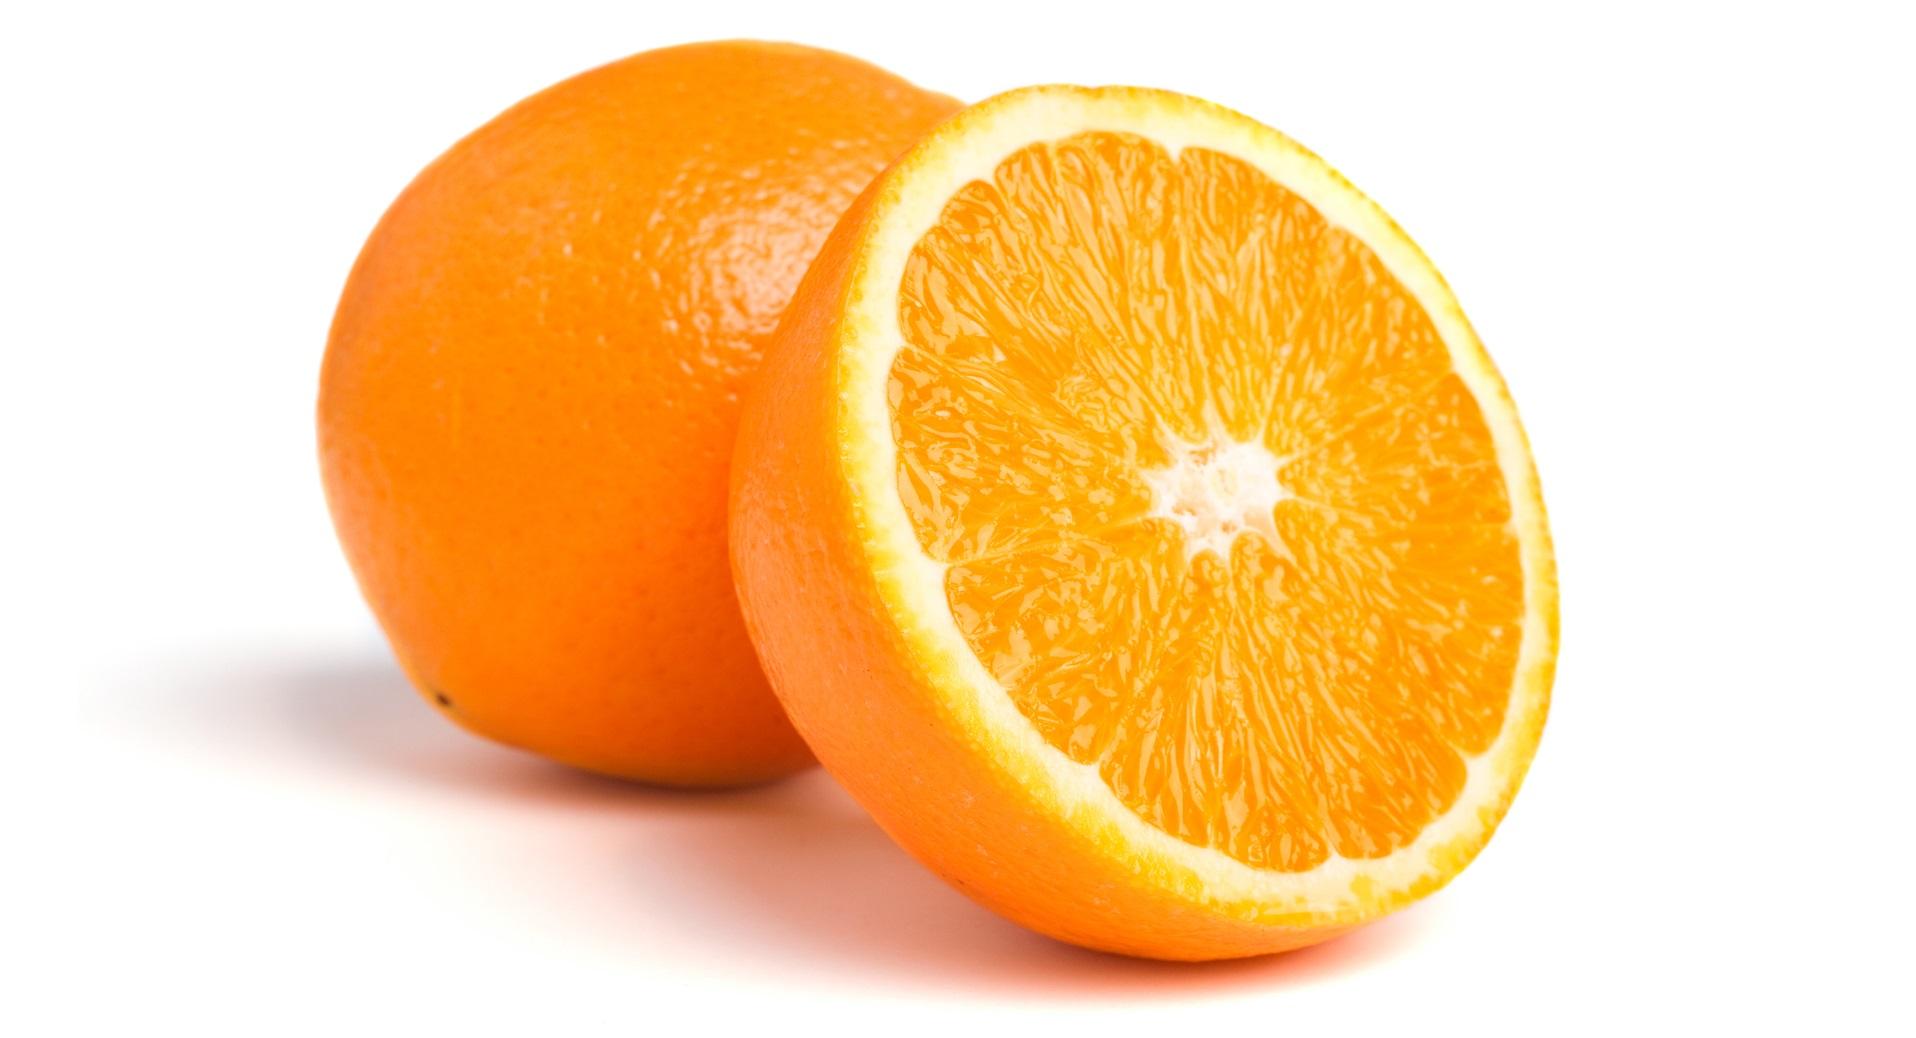 El juego de las palabras encadenadas-http://ensaladas.info/wp-content/uploads/2015/08/naranja-fruta.jpg